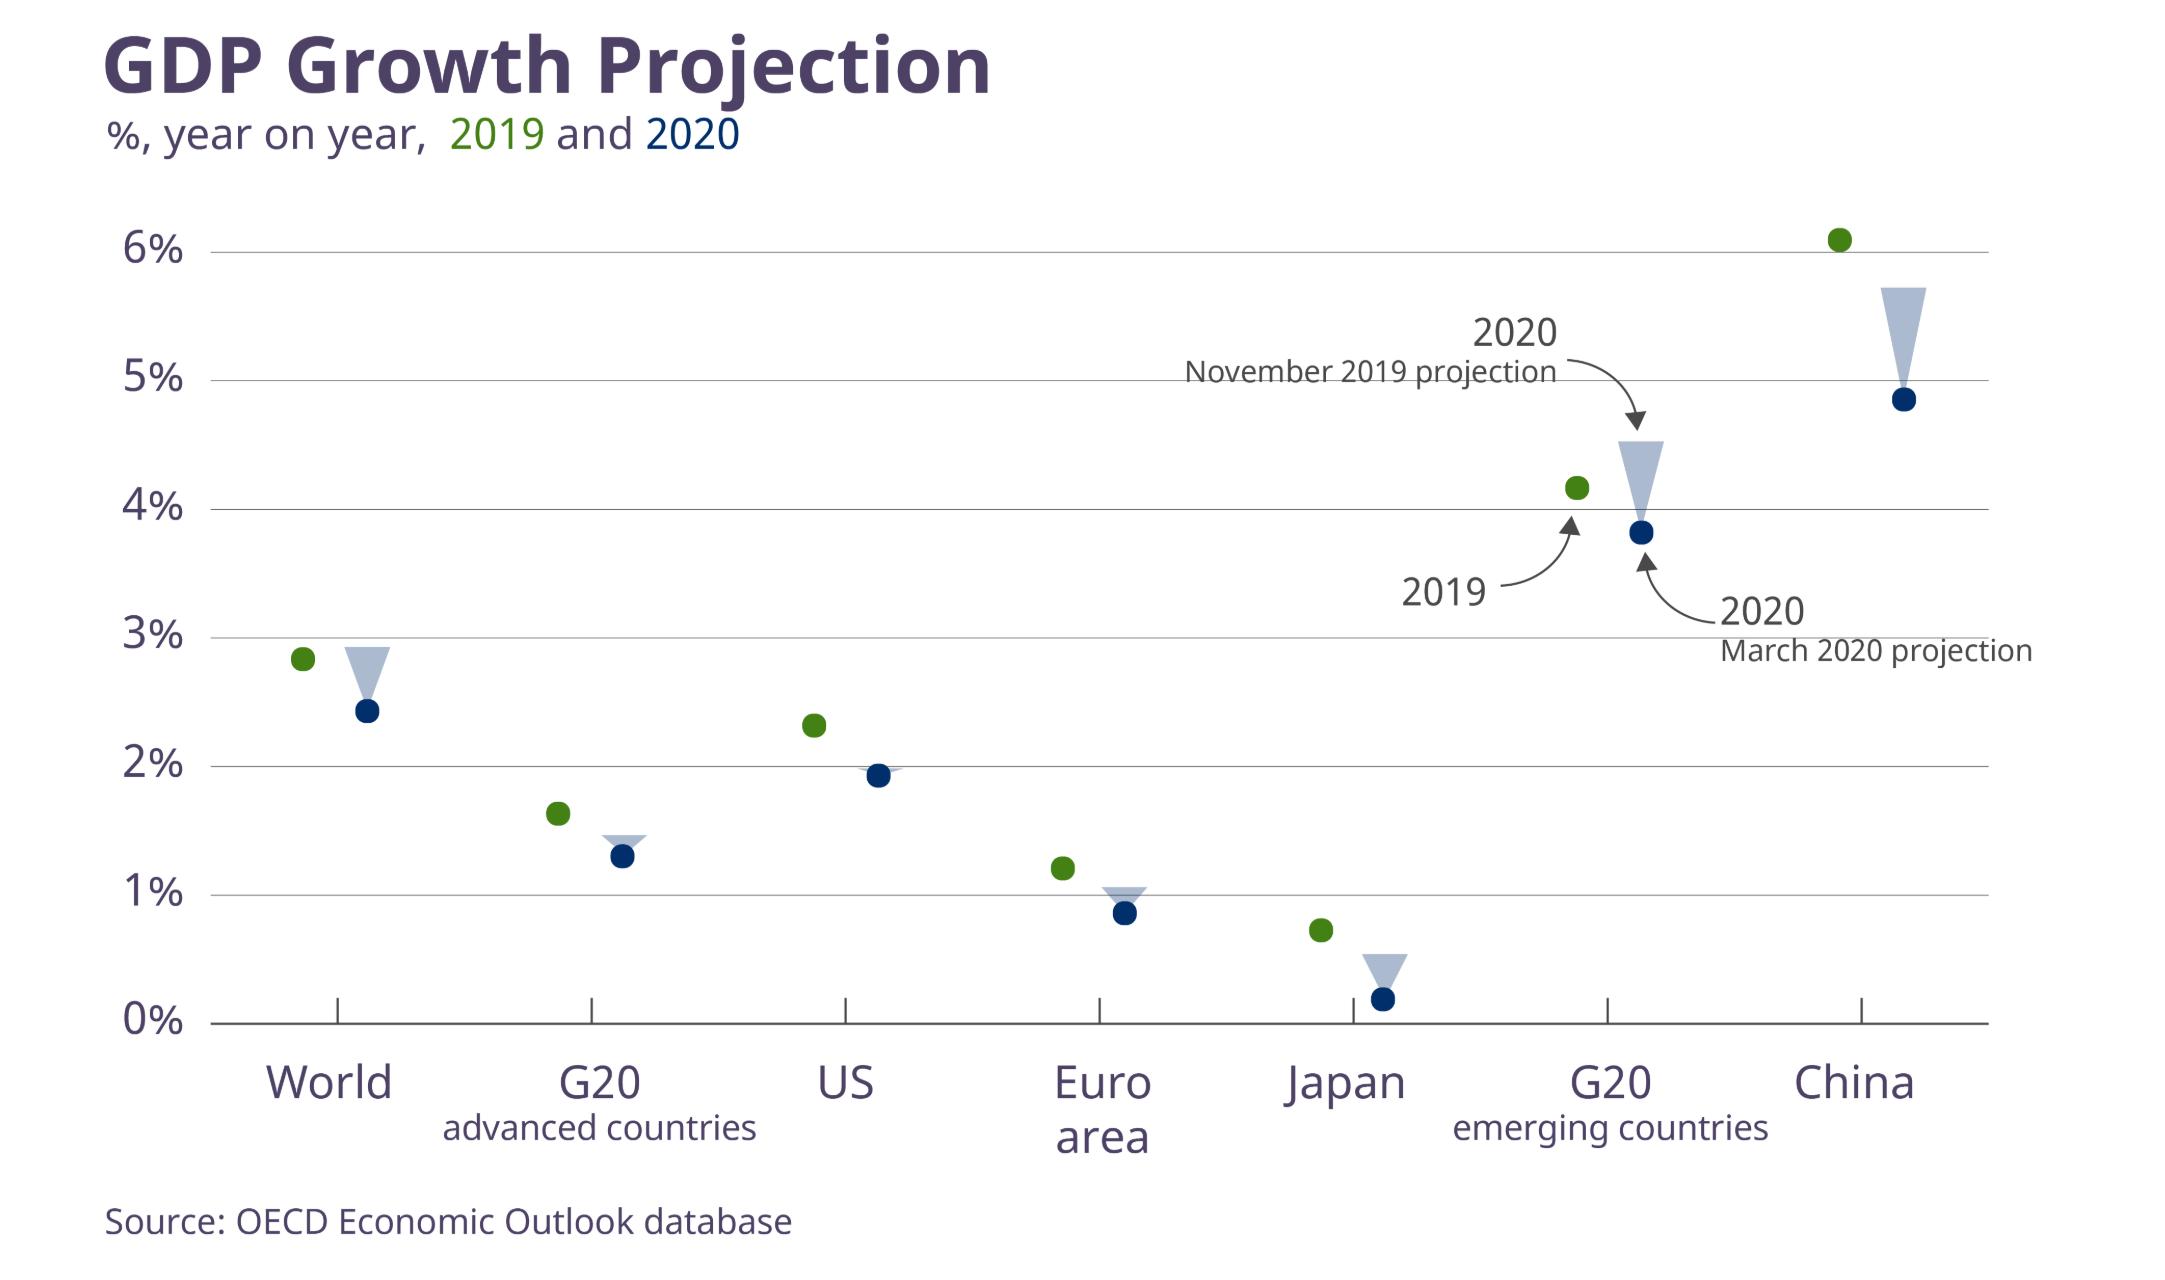 新冠疫情肆虐全球 OECD下调全球经济增速预期 呼吁各国采取协调一致多边行动